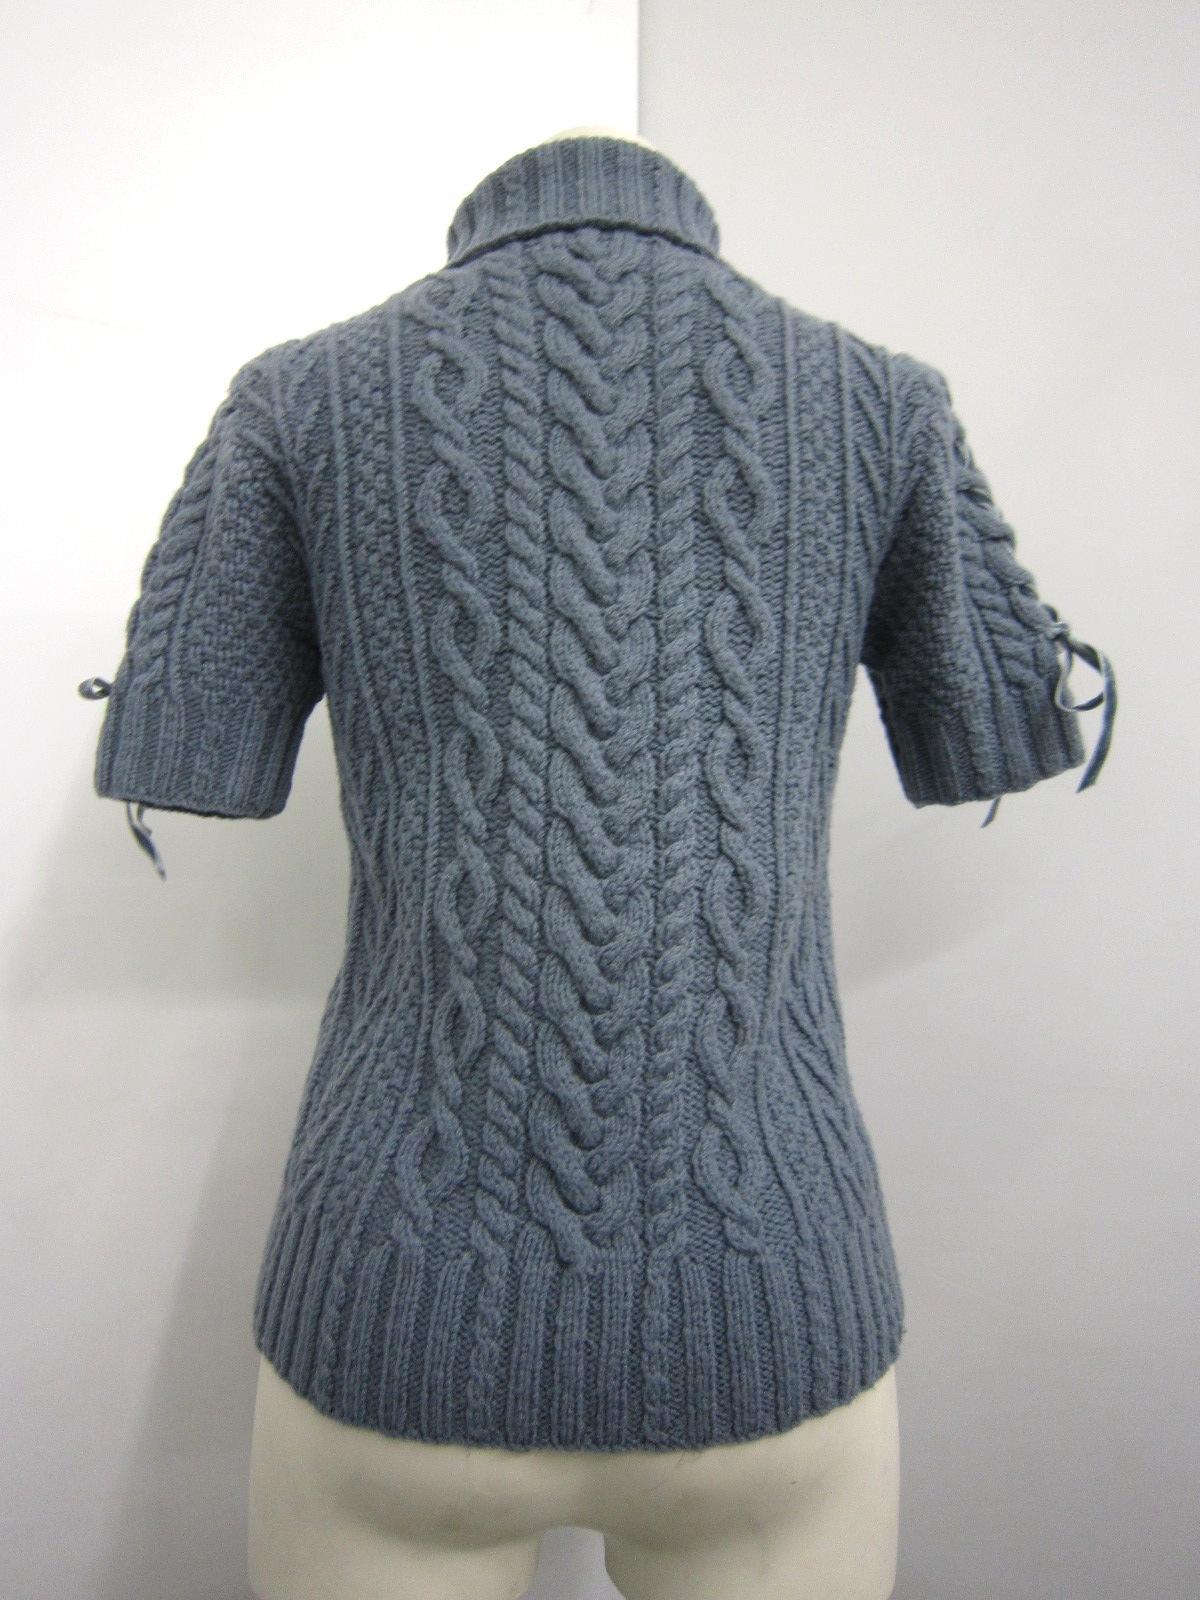 INGEBORG(インゲボルグ)のセーター